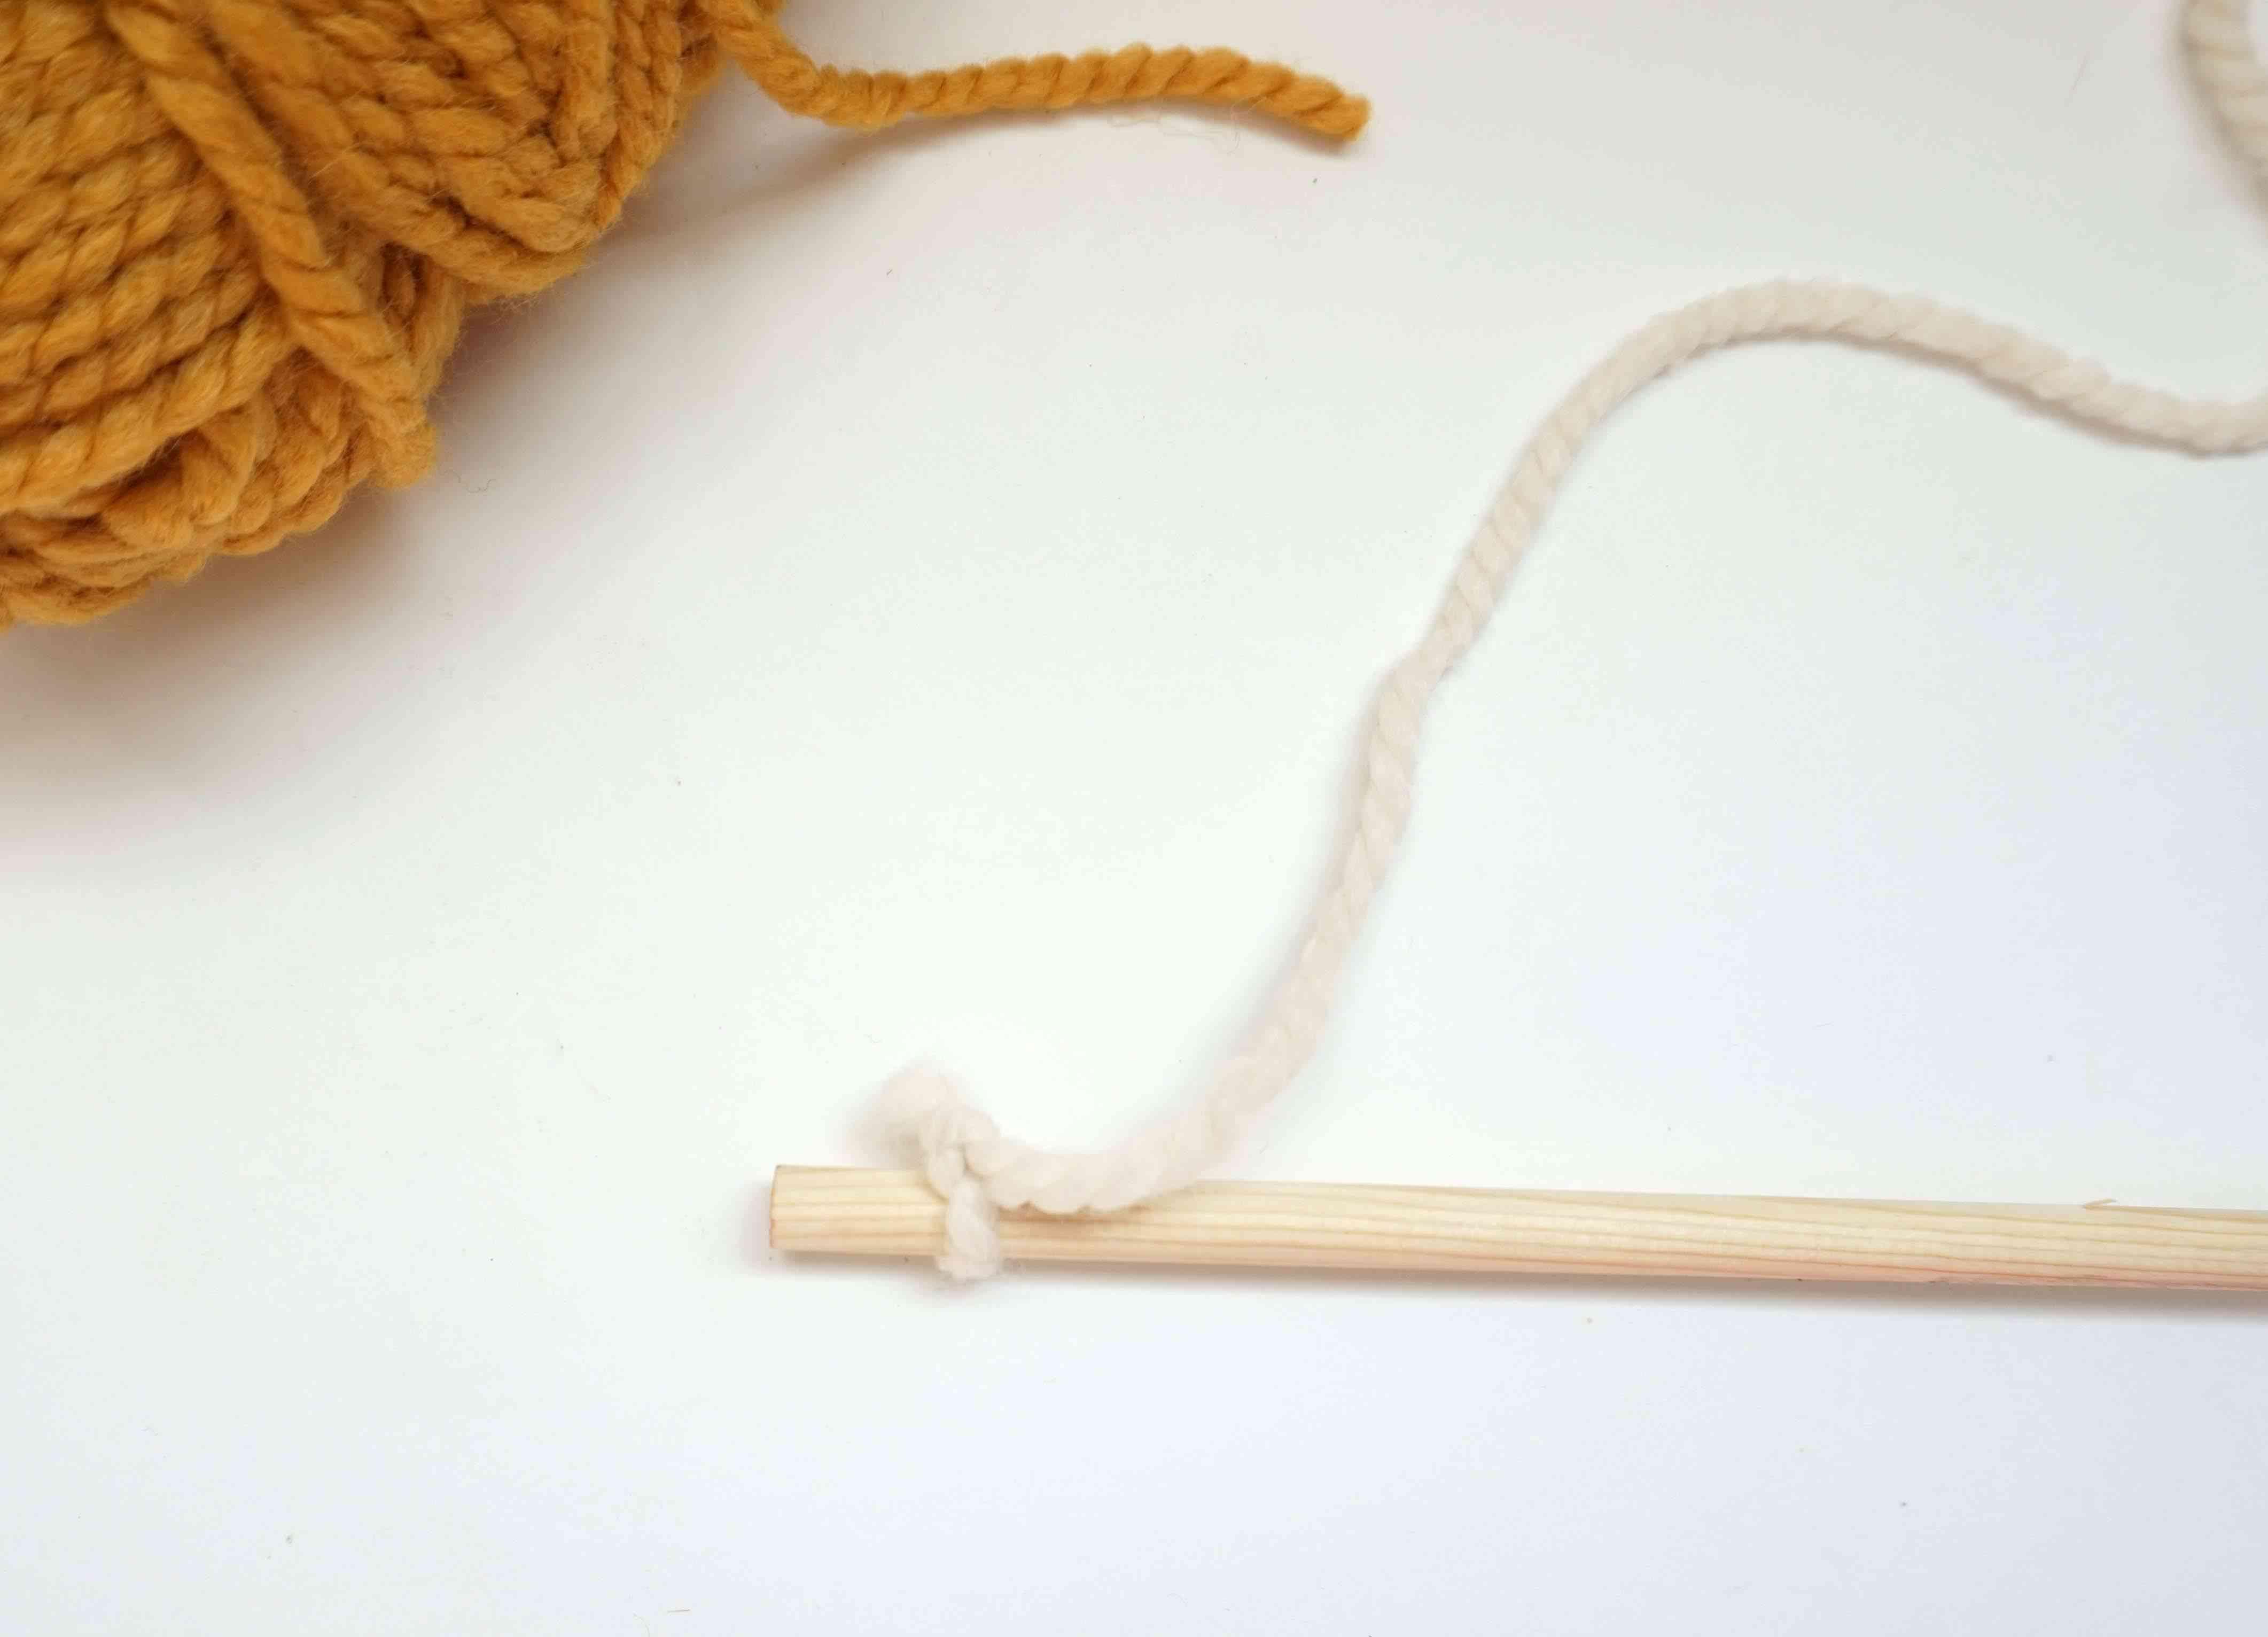 Yarn tied to dowel.